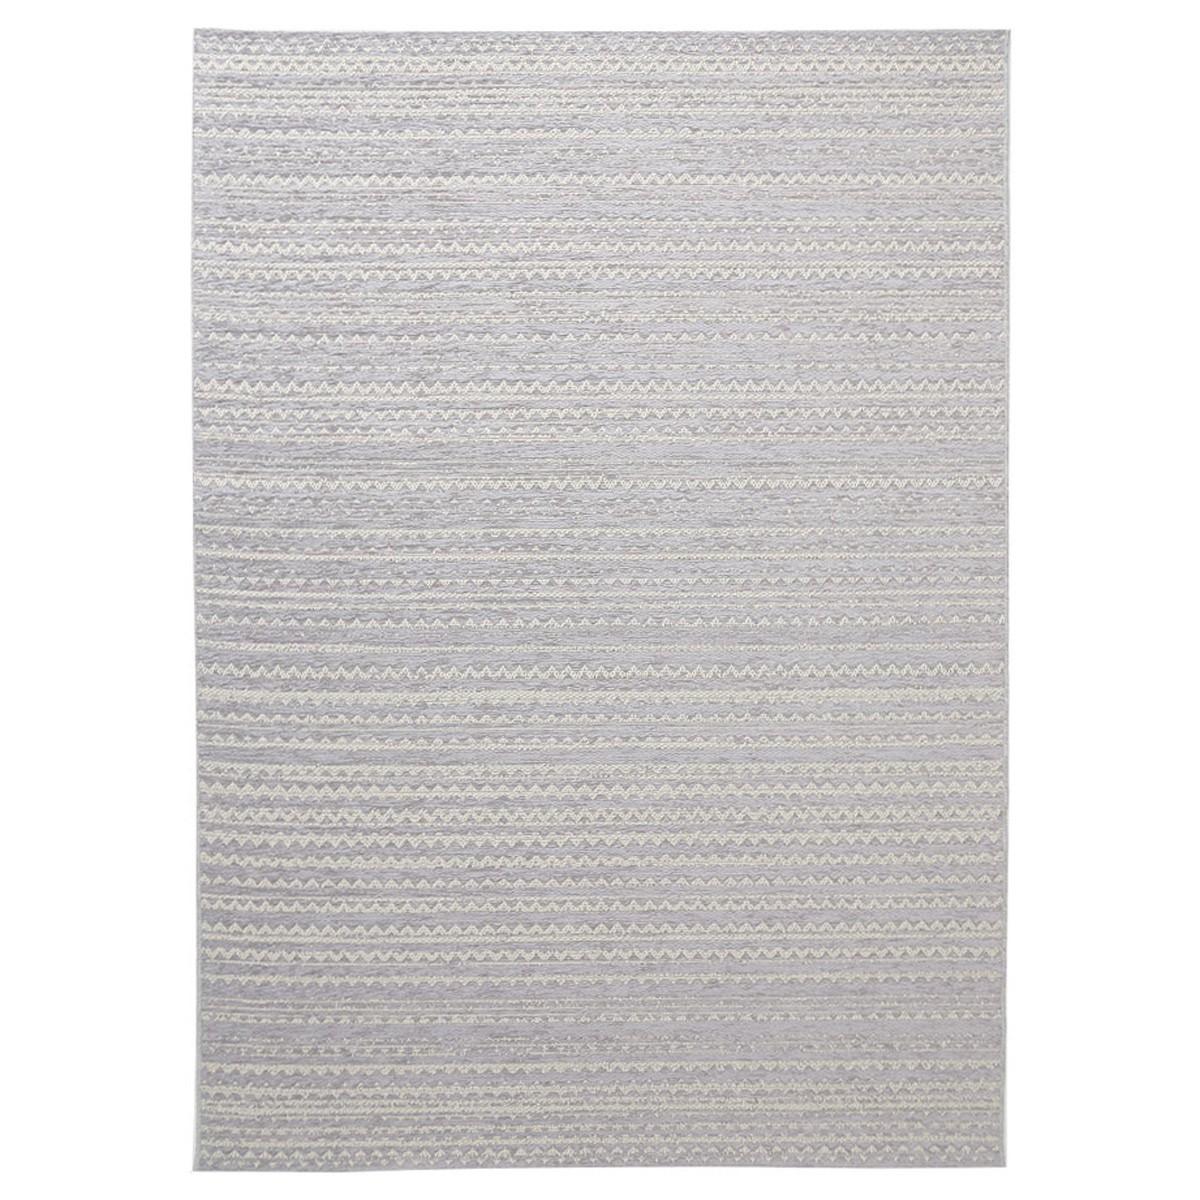 Χαλί Διαδρόμου (80x150) Royal Carpets Velvet 7734-814 home   χαλιά   χαλιά κουζίνας   διάδρομοι